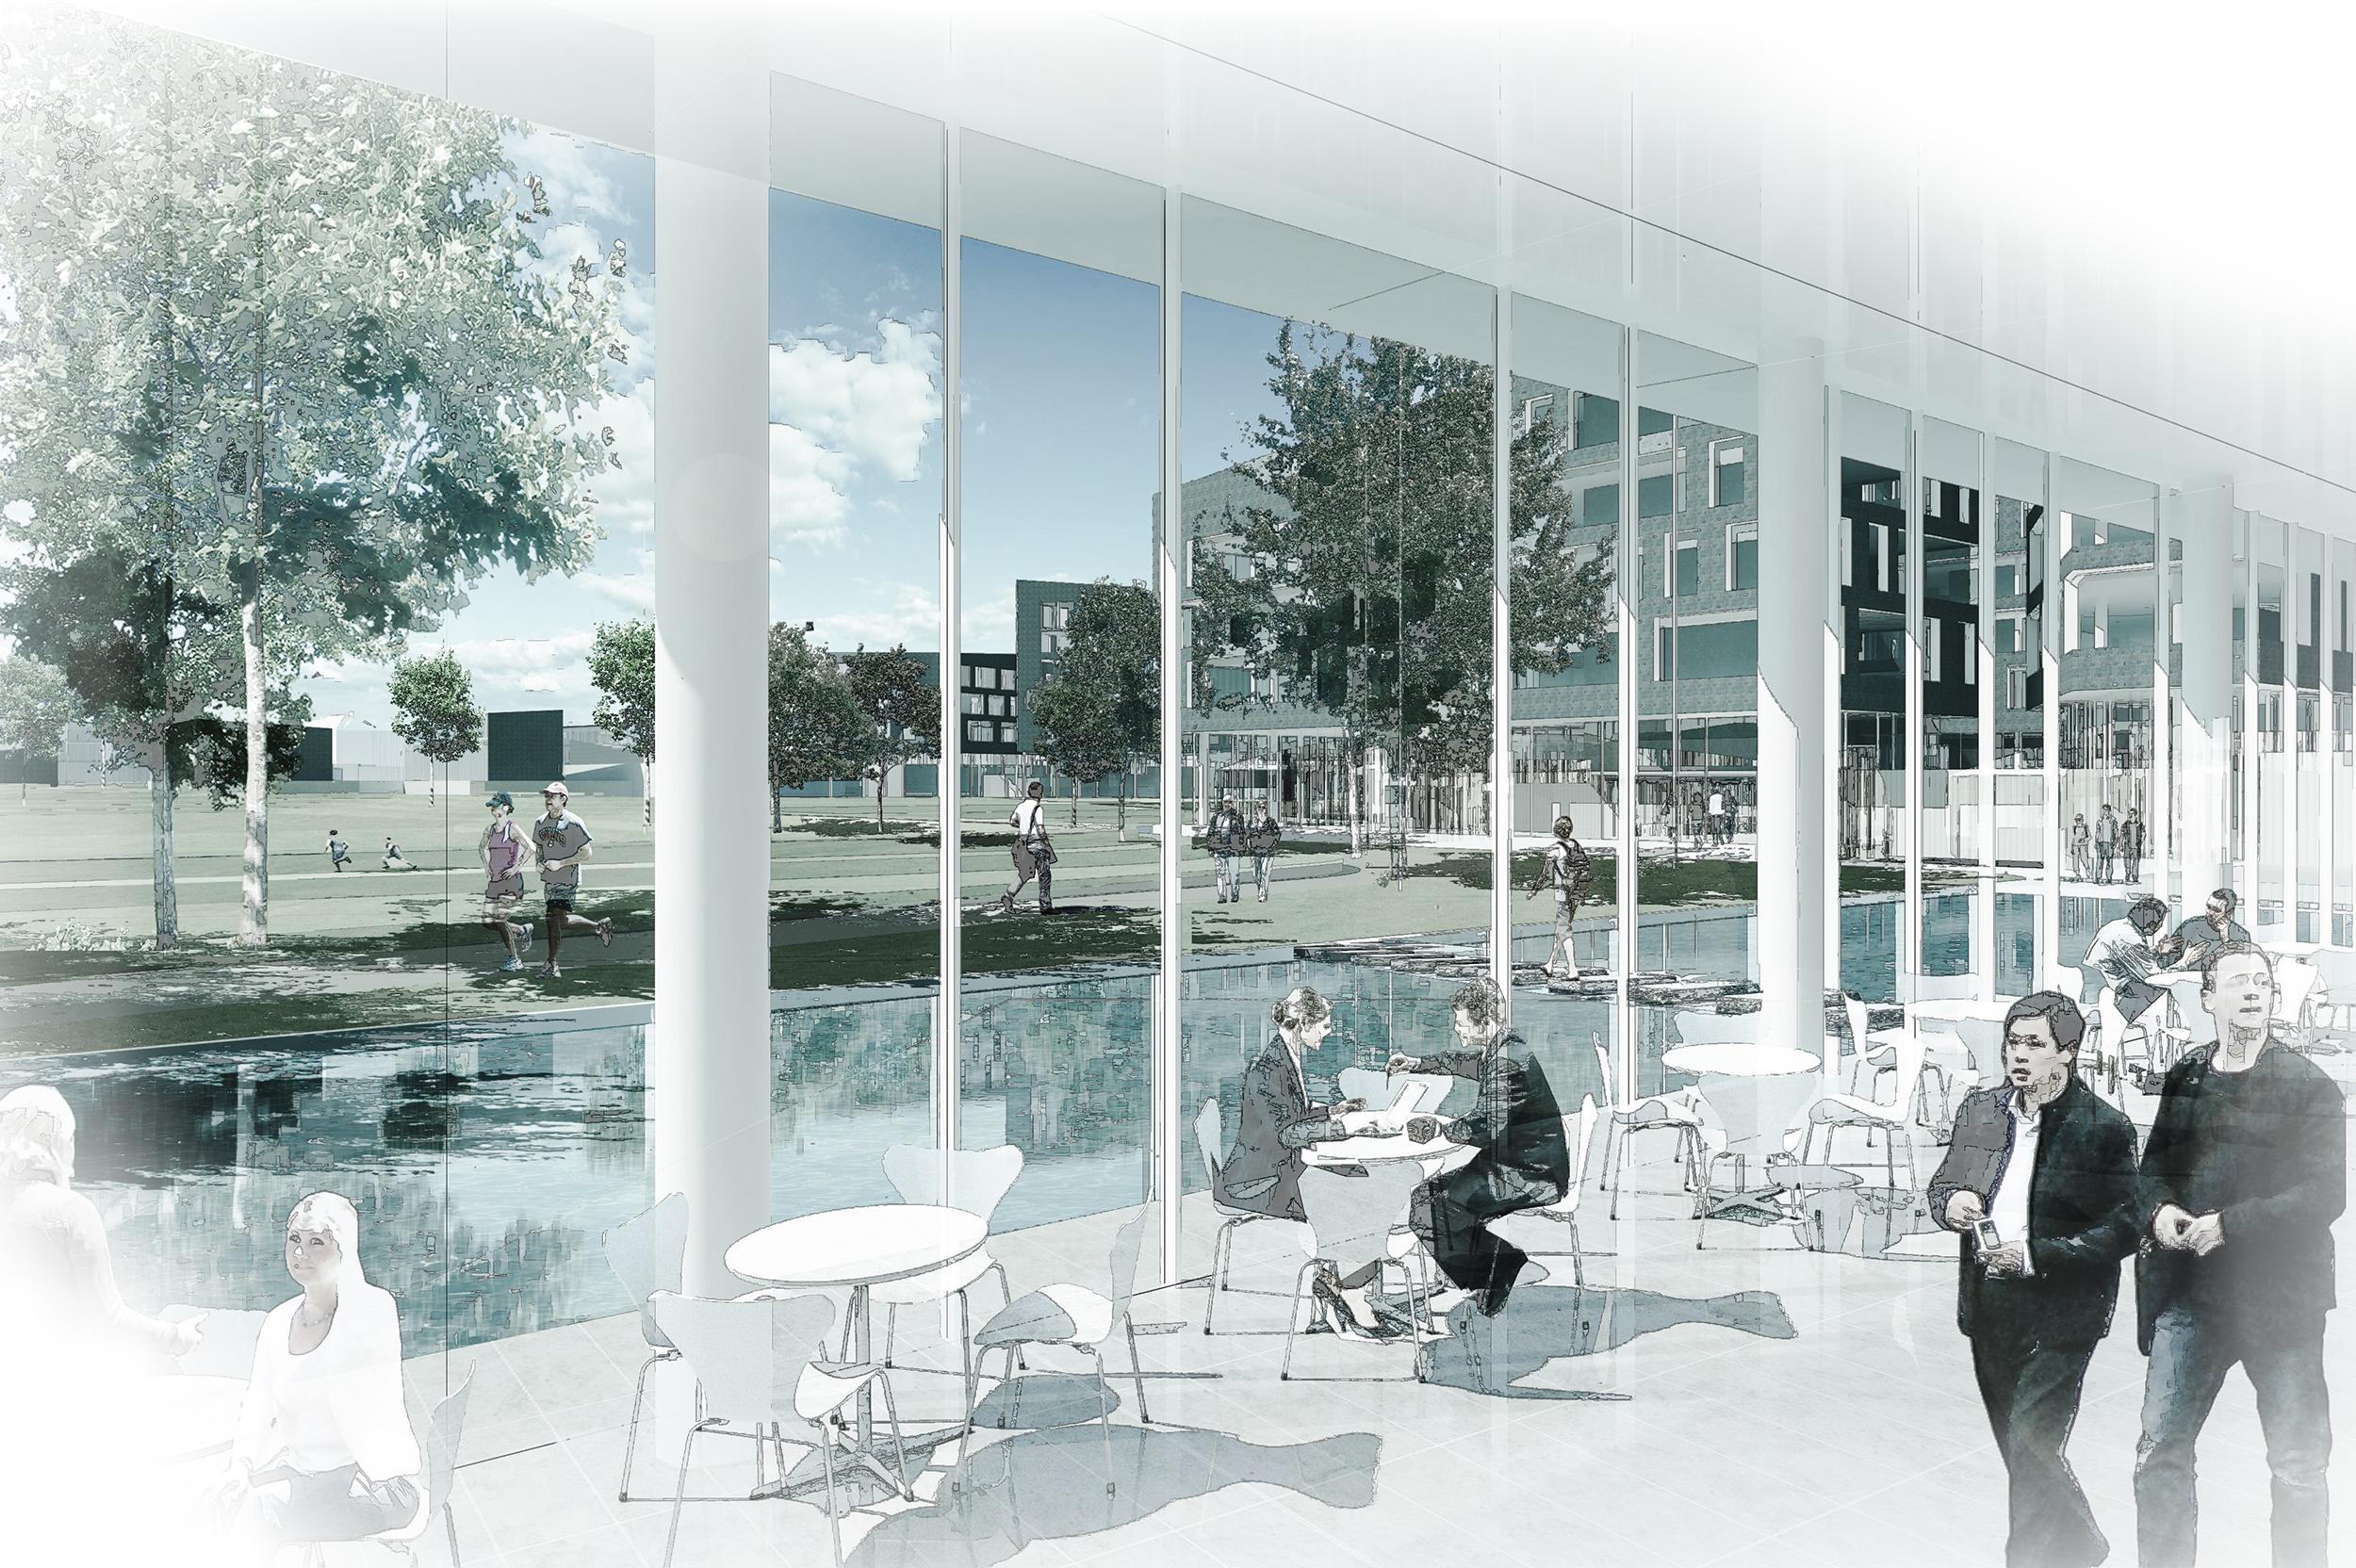 dw-svanemoellen-interior-cafe-2500px.jpg